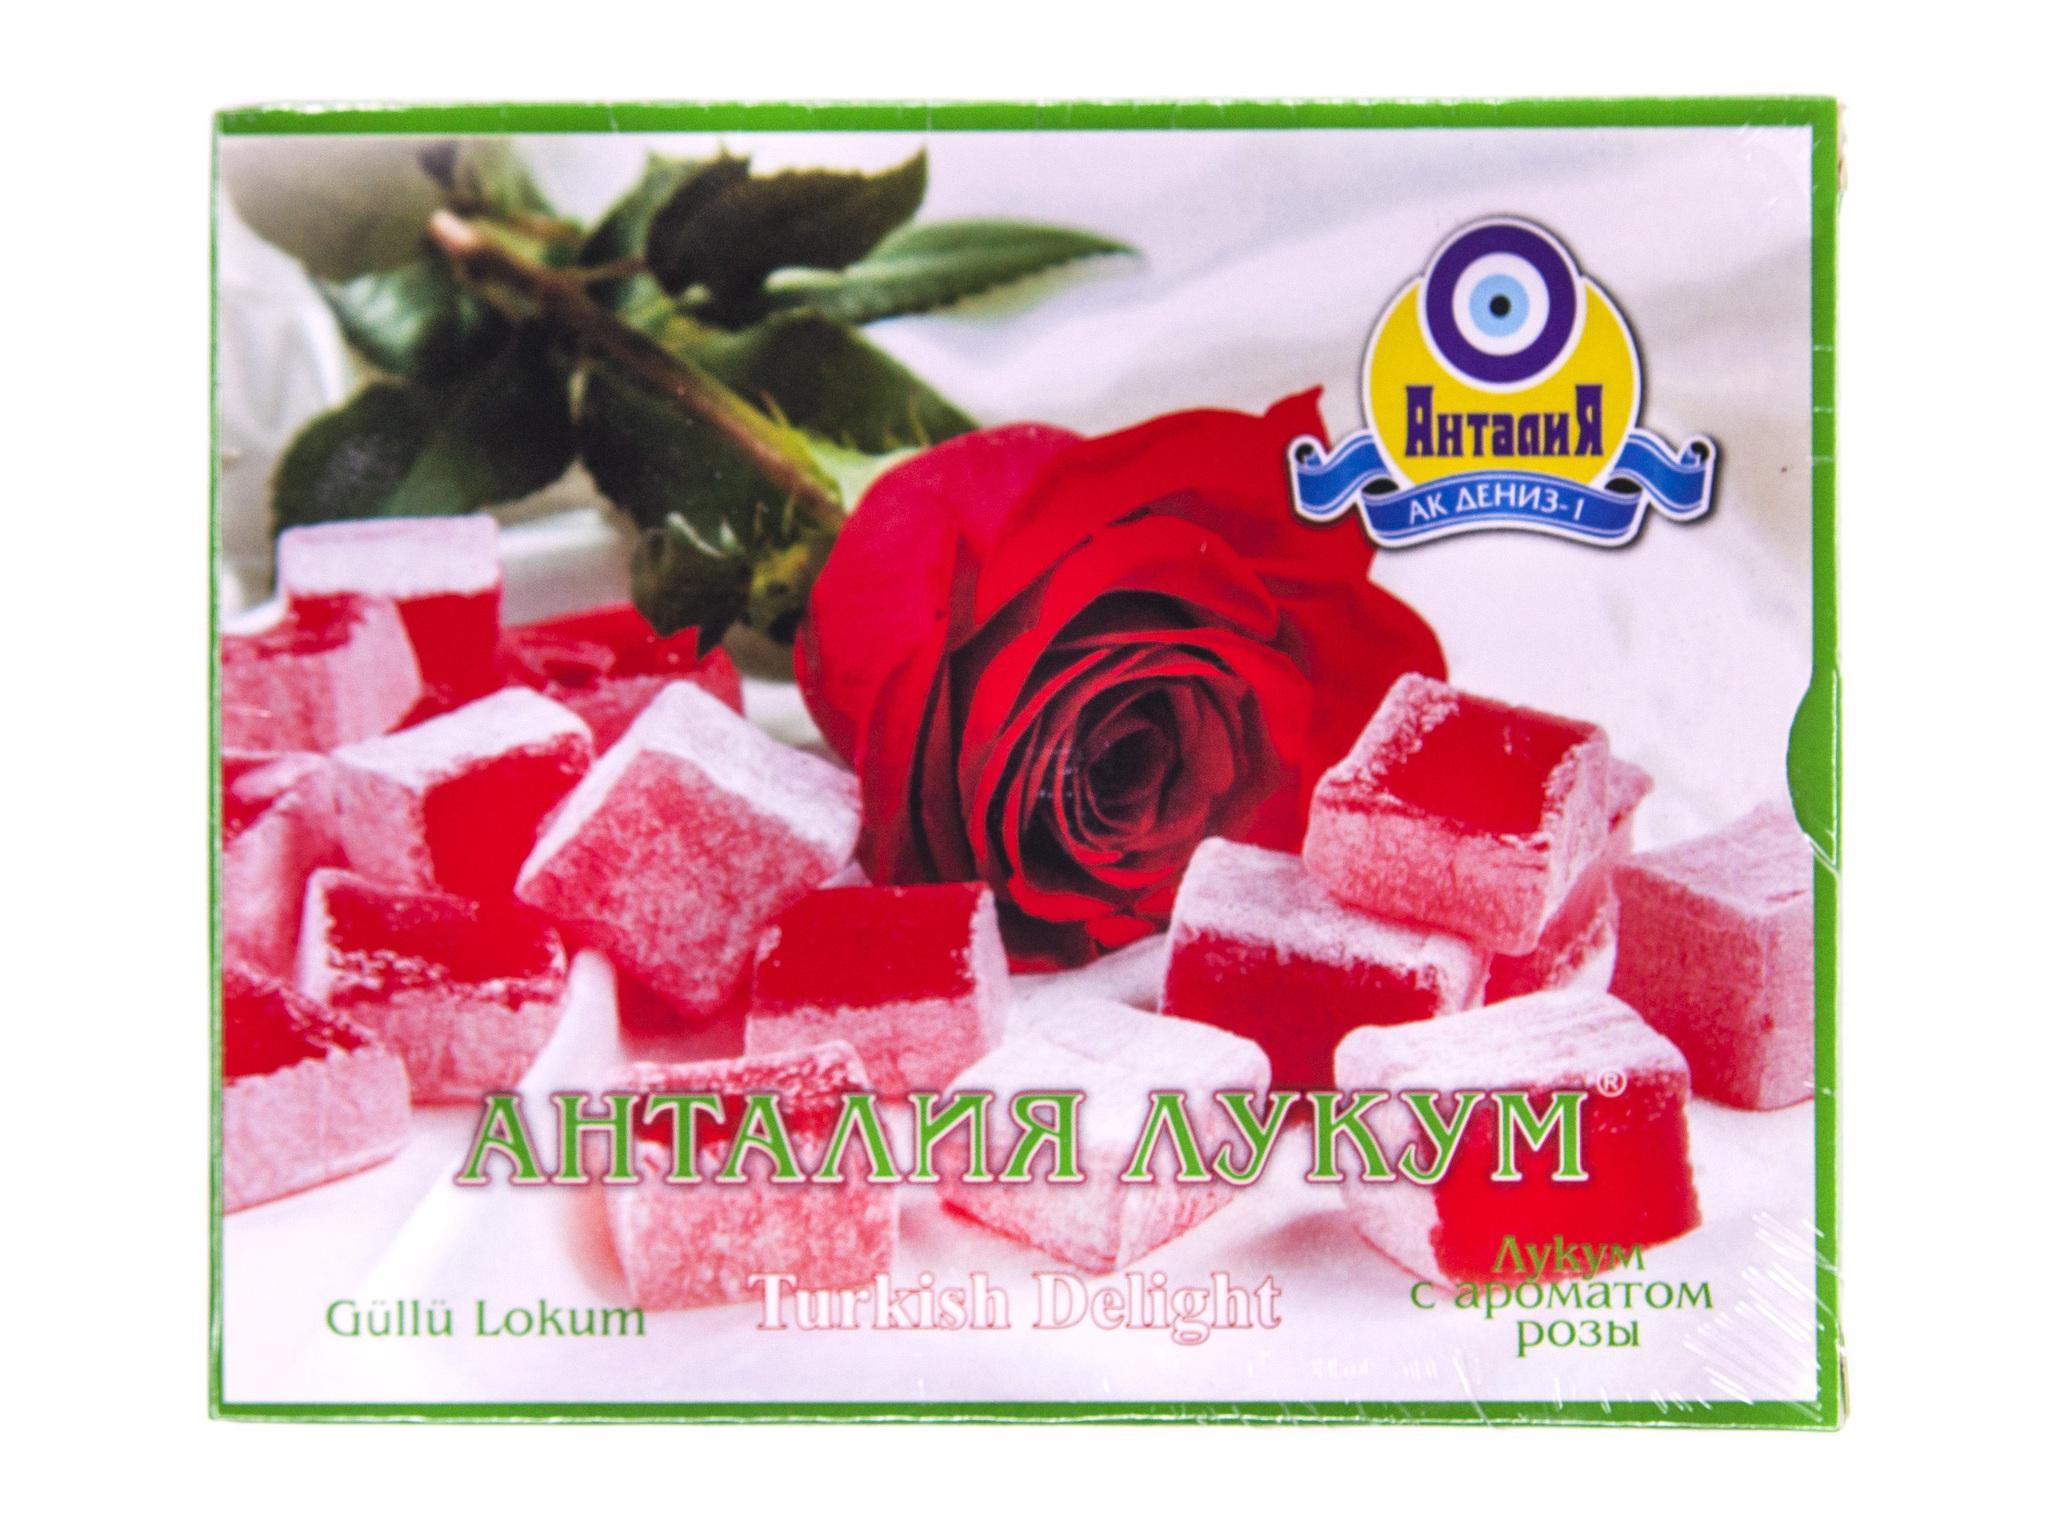 Сладости Востока Рахат лукум с ароматом розы, Акдениз, 125 г import_files_0a_0a92f0b434ae11e89e58448a5b3752ae_a6cc0a75486511e8a996484d7ecee297.jpg